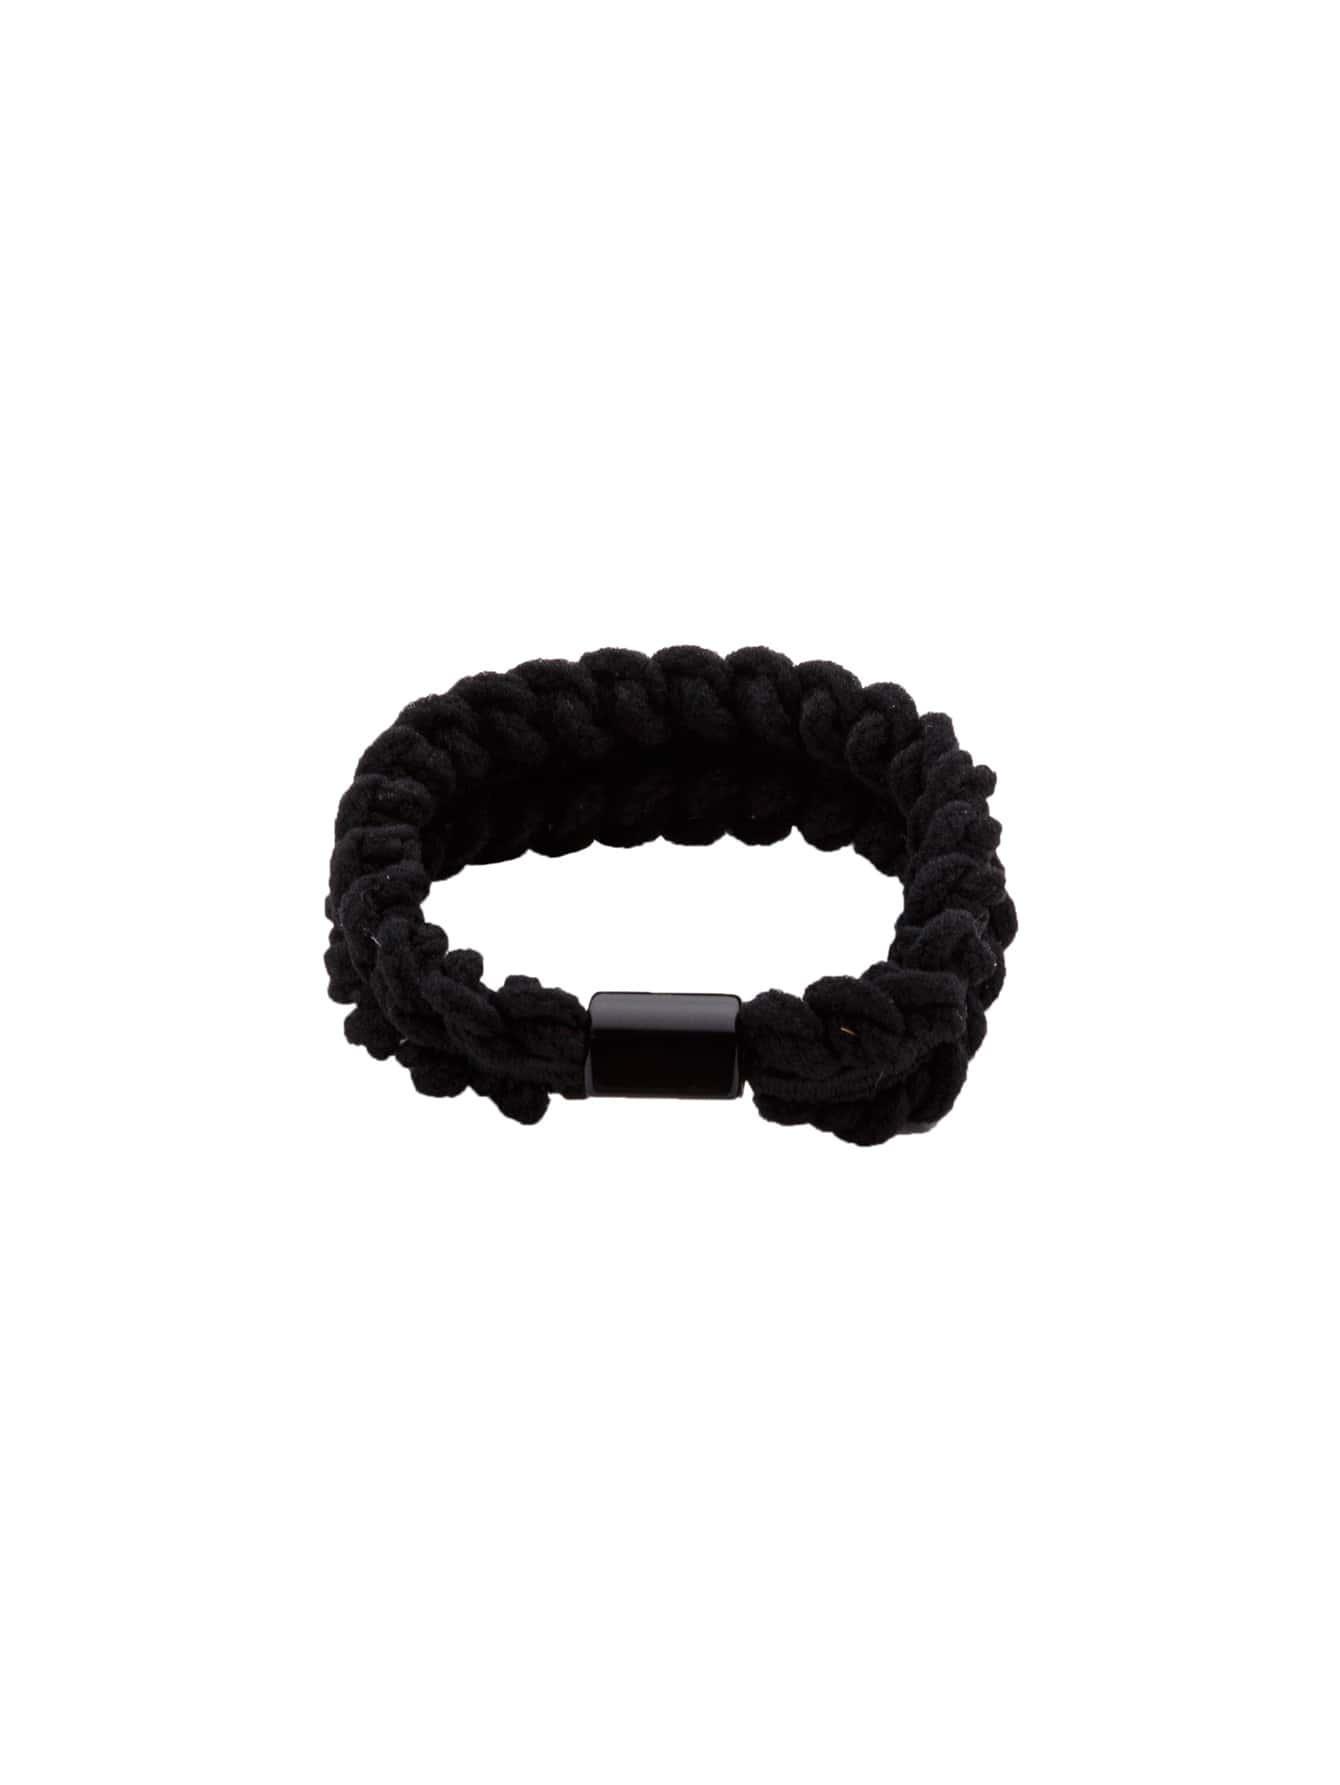 Black Braided Elastic Hair Tie